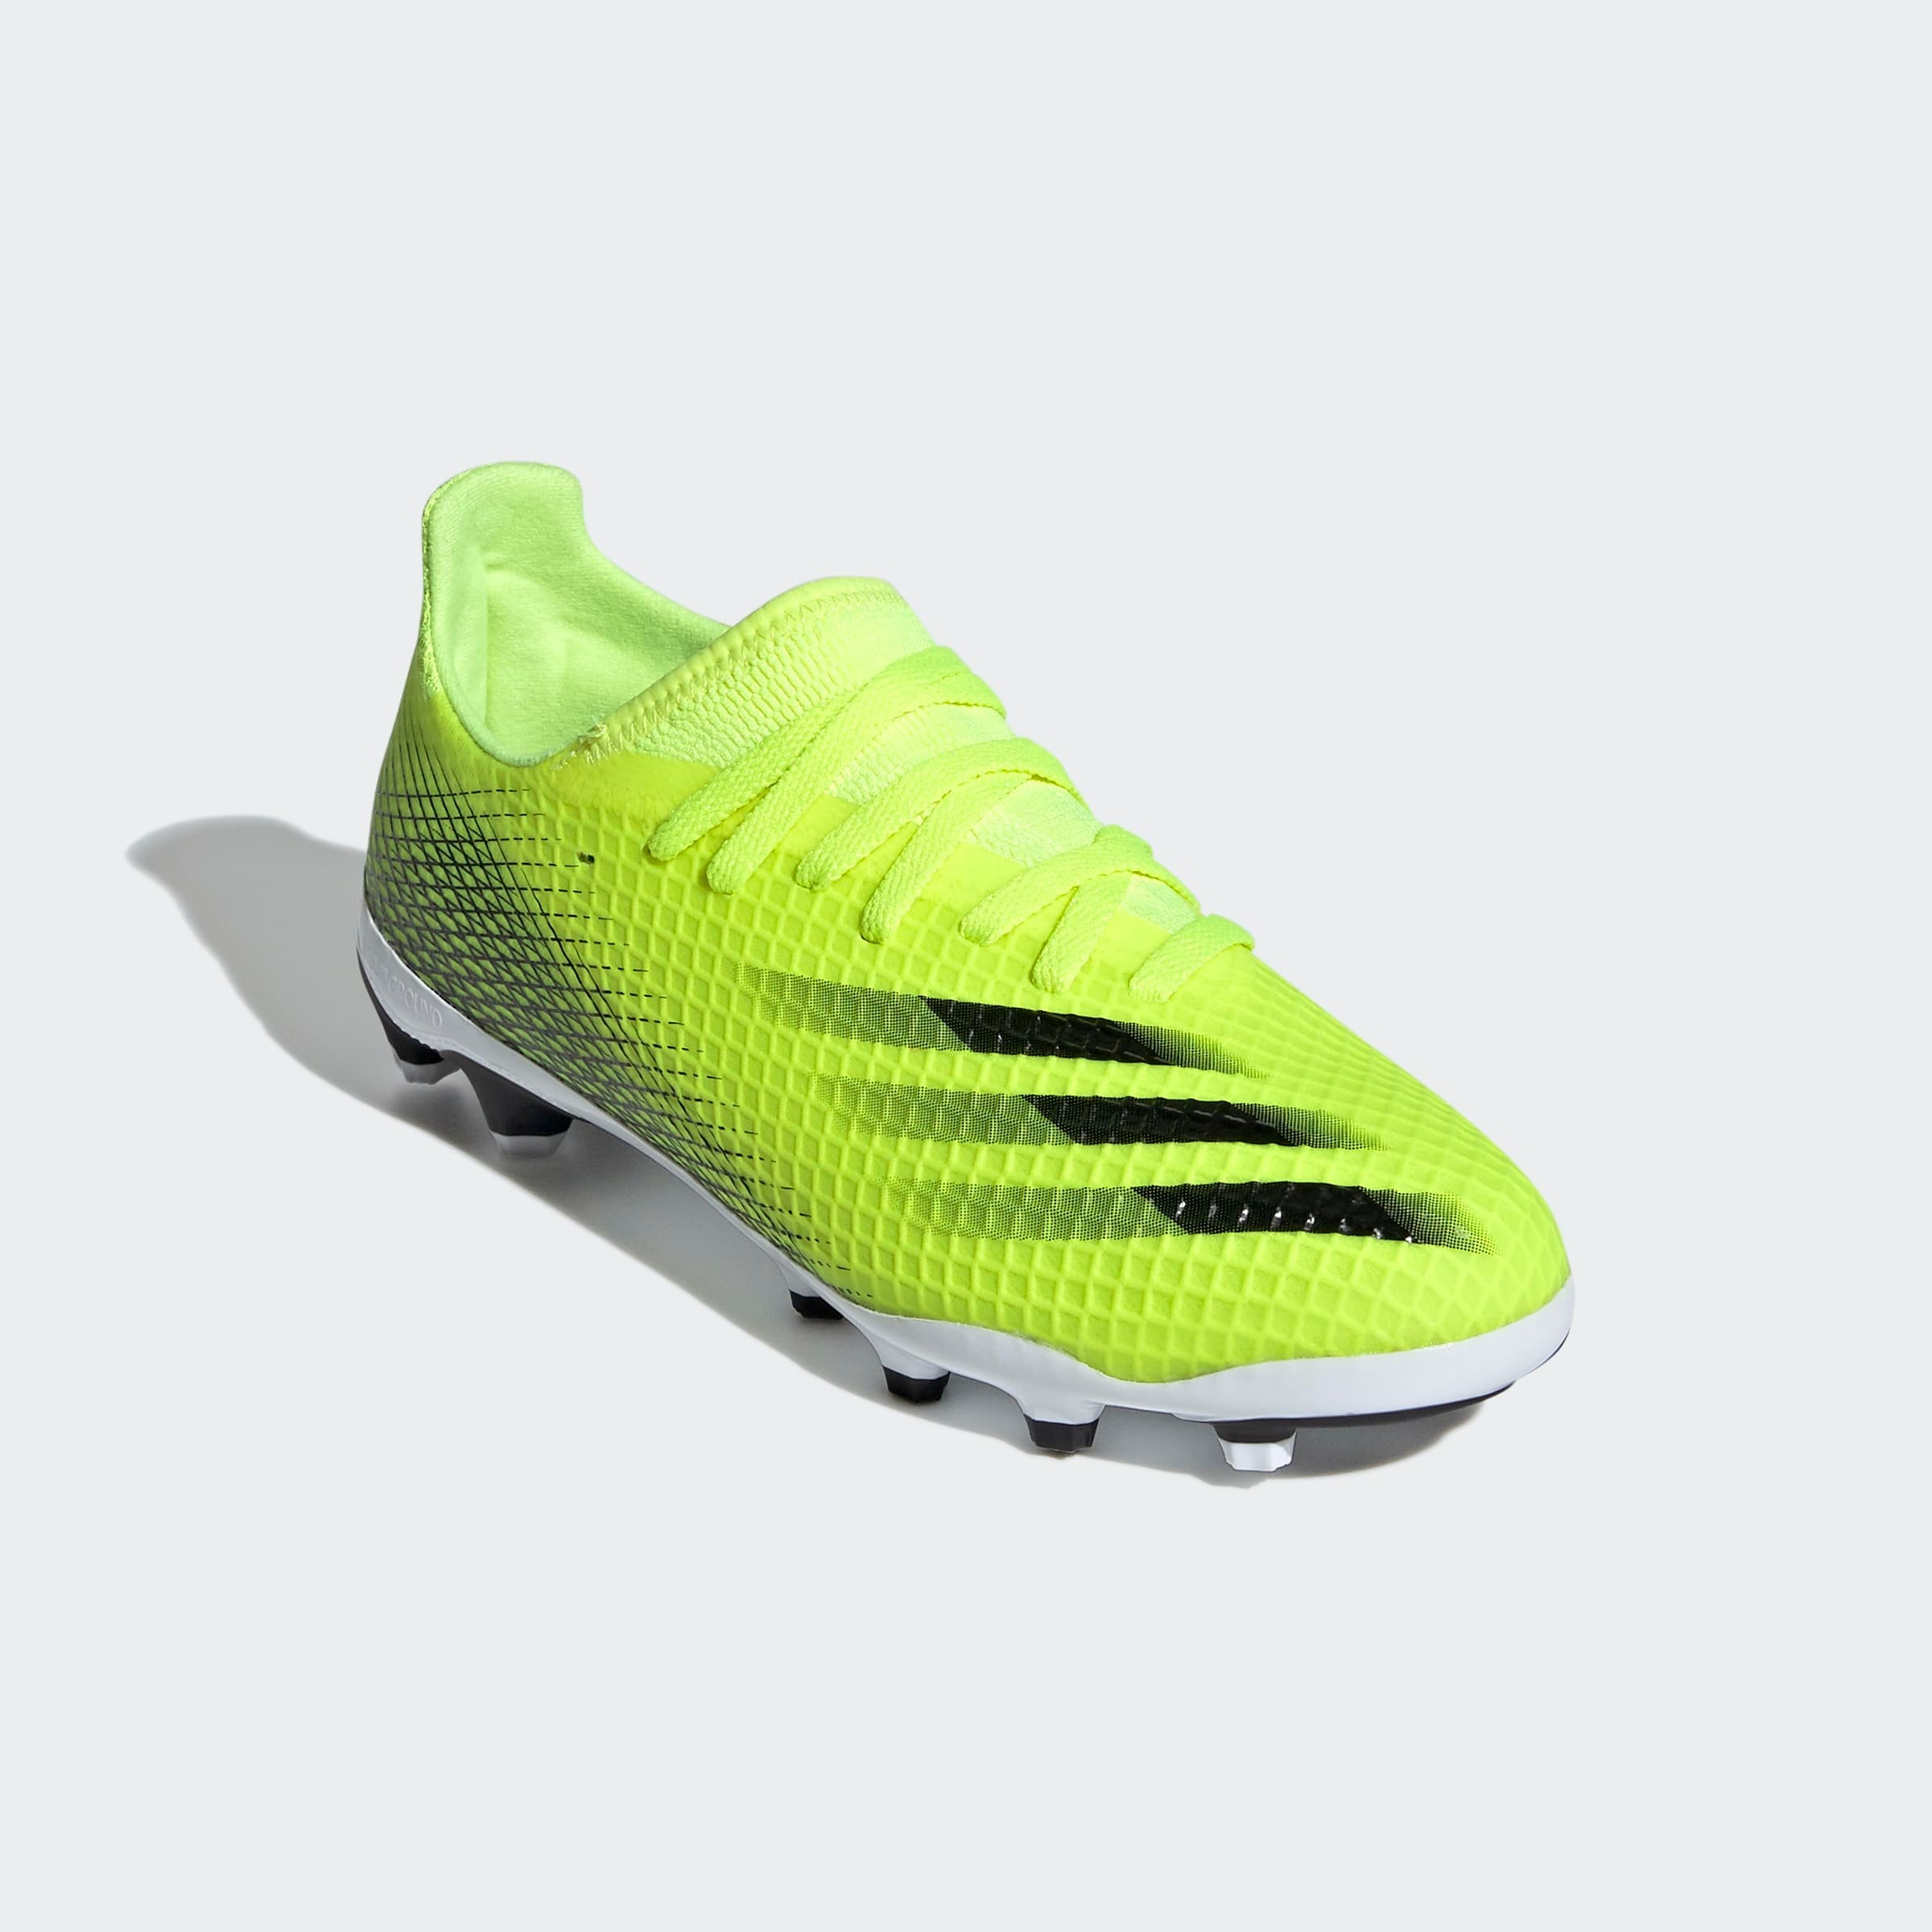 adidas Performance voetbalschoenen X GHOSTED 3 MG J bestellen: 30 dagen bedenktijd